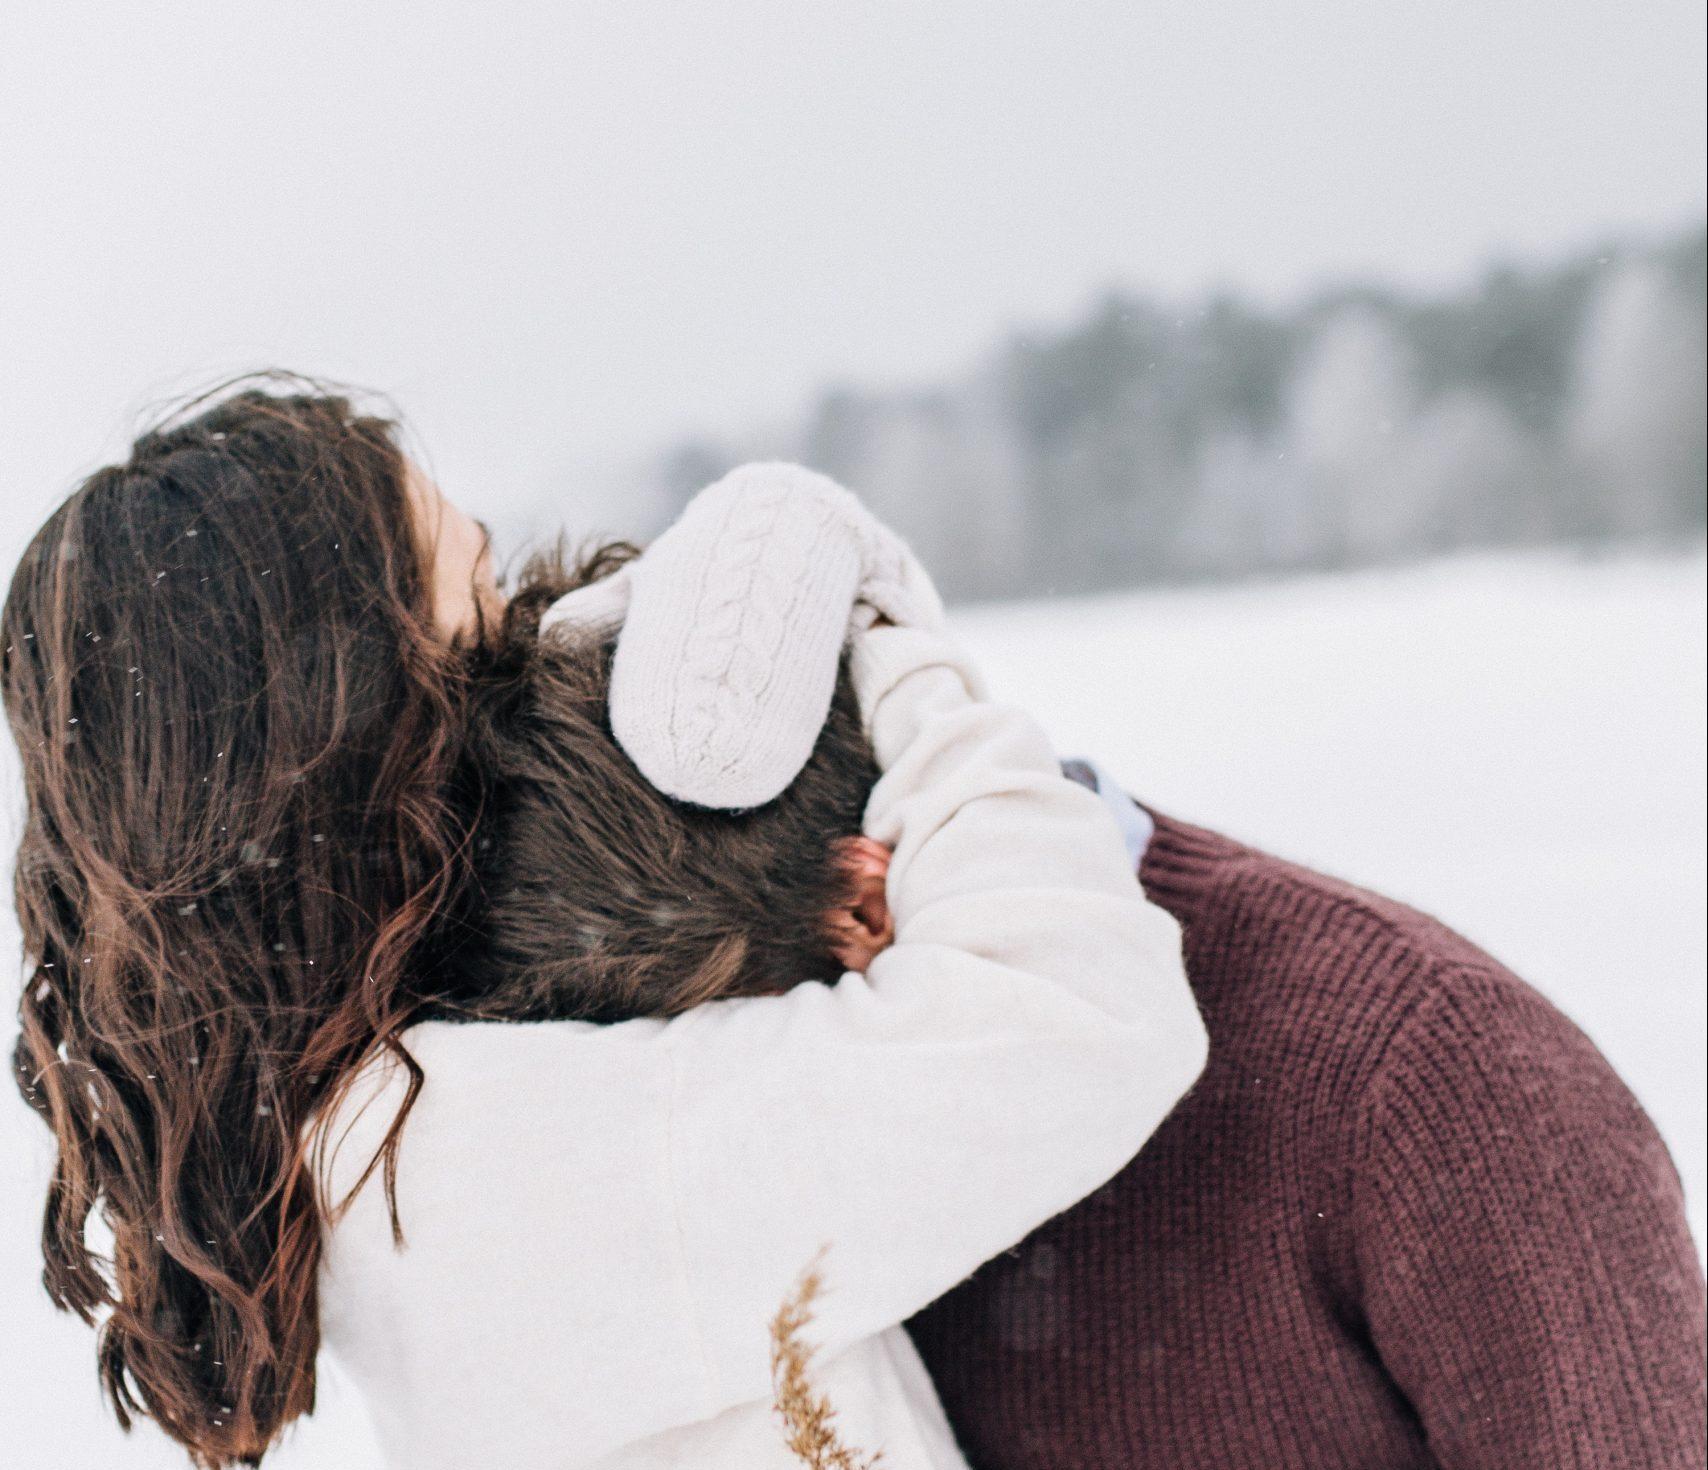 Túl viharos a szerelmünk – meddig lehet így élni?!